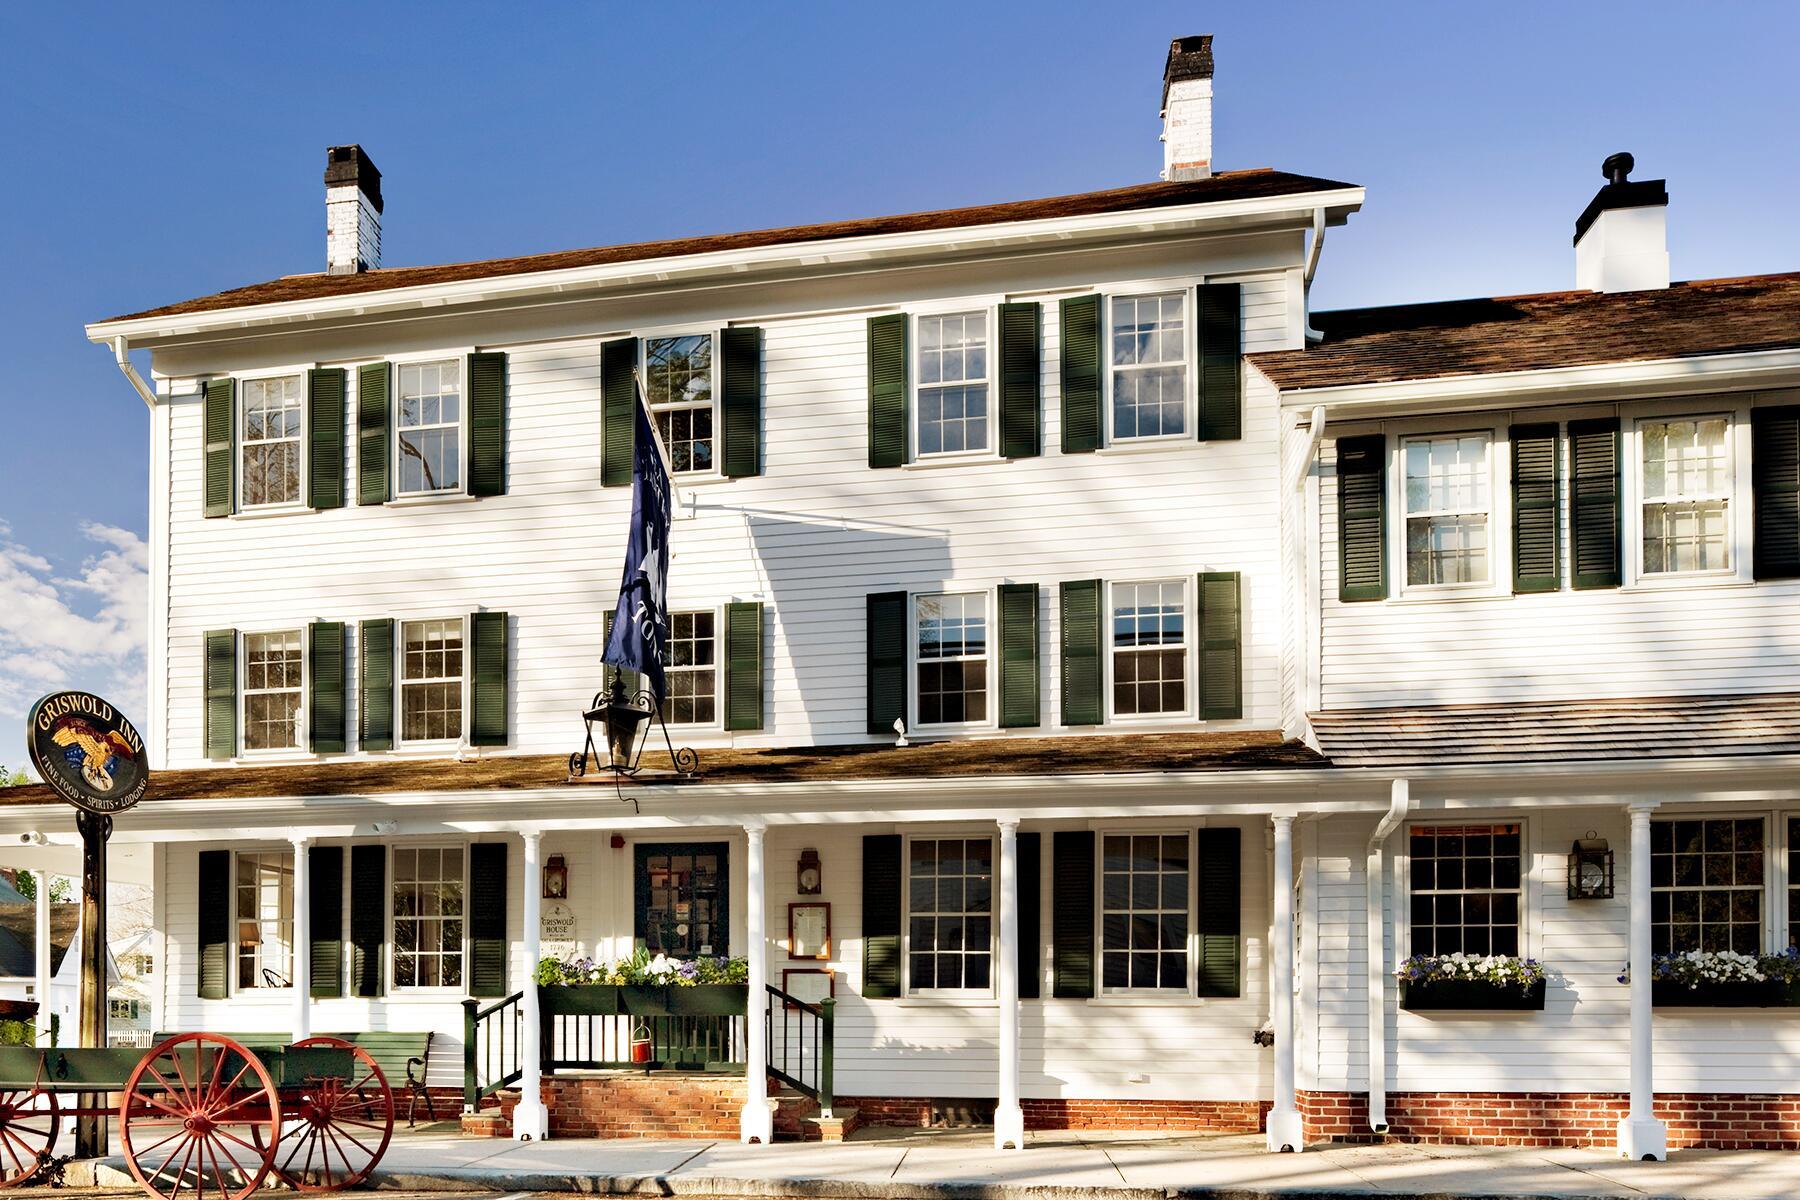 24_OldestRestaurantsintheWorld__OldestBrunchspot_24.) Gris Exterior - Robert Benson - Inns